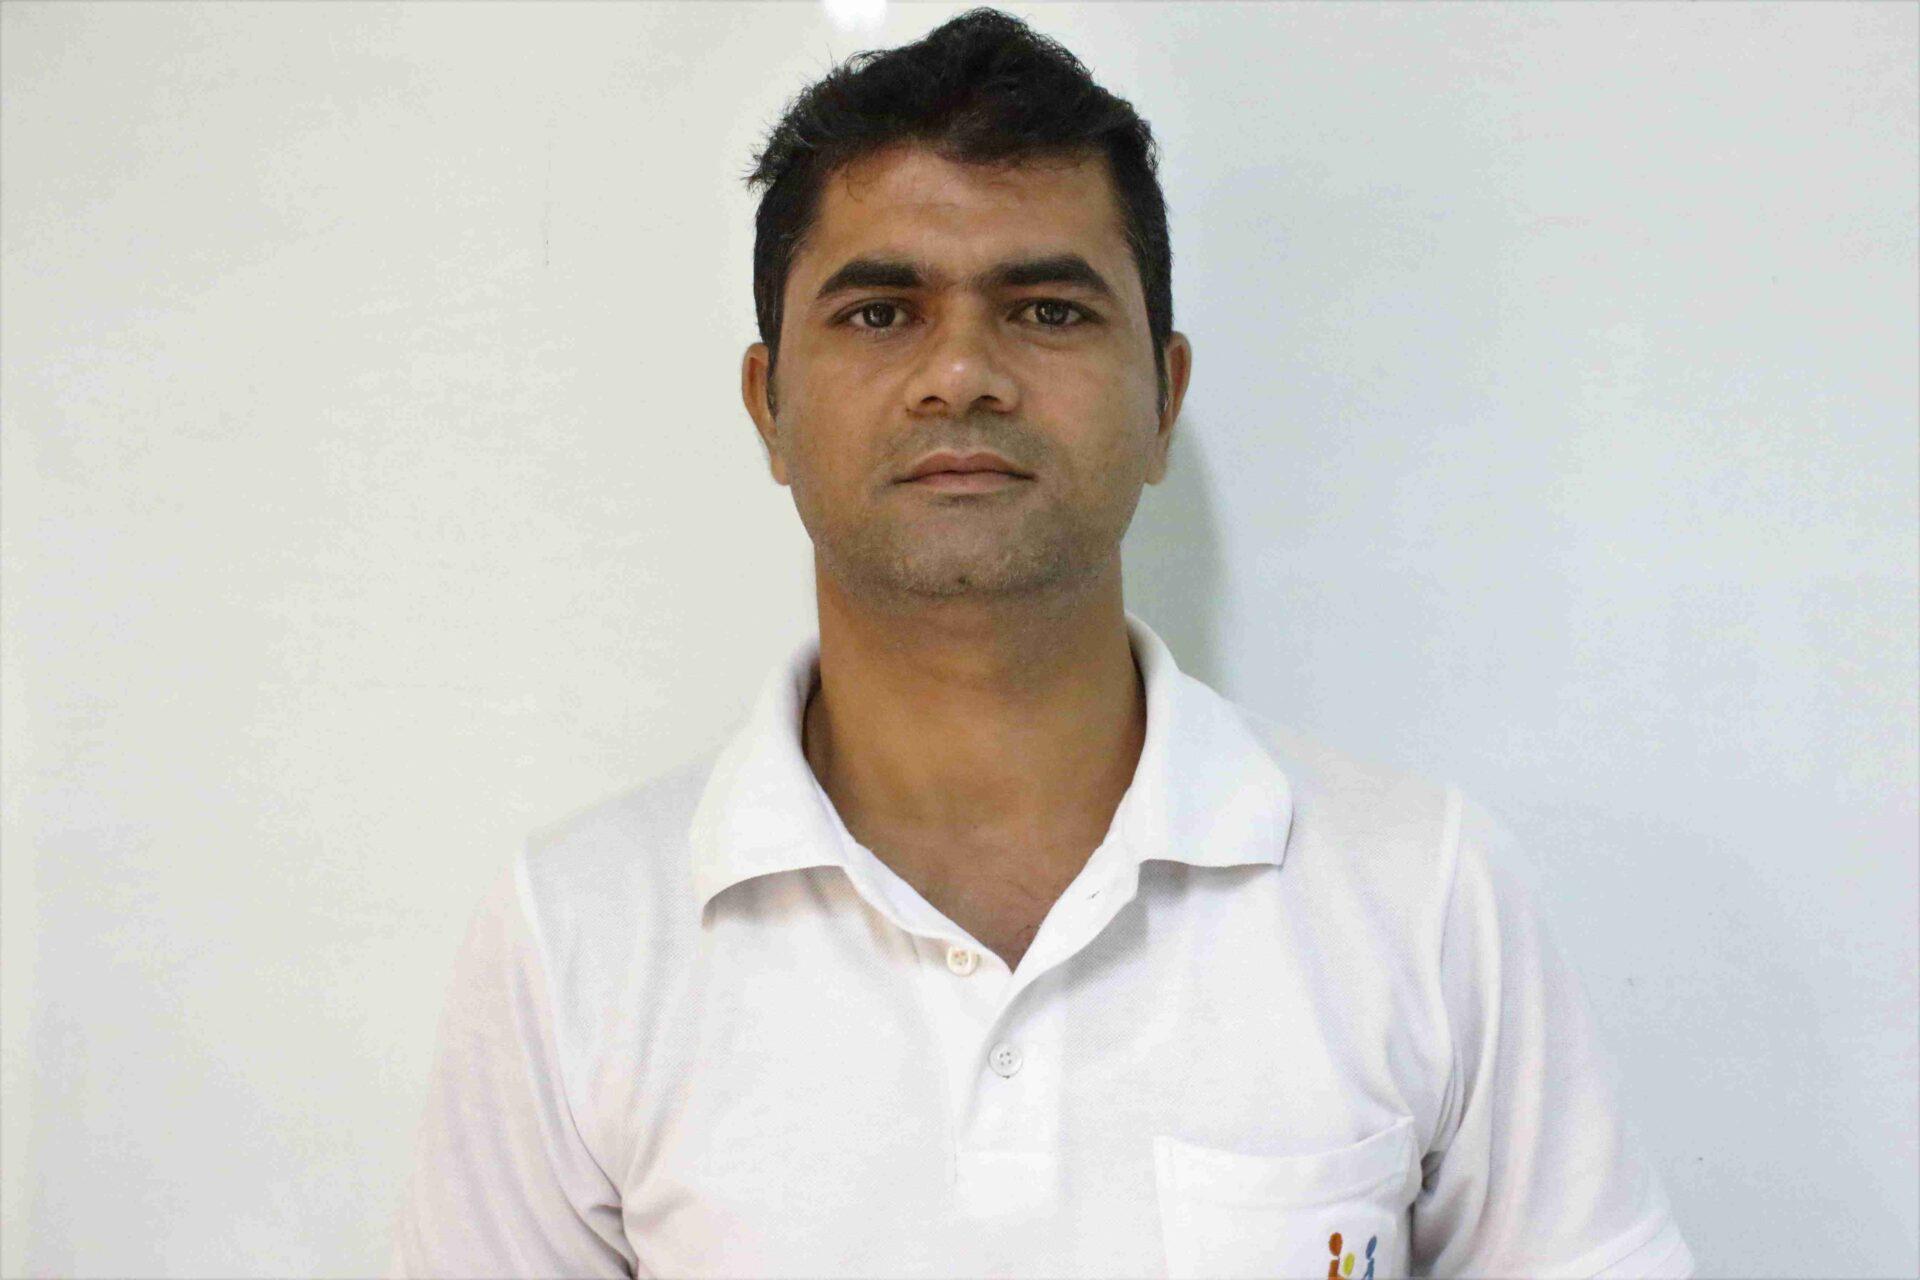 Pari Abdul Munaf